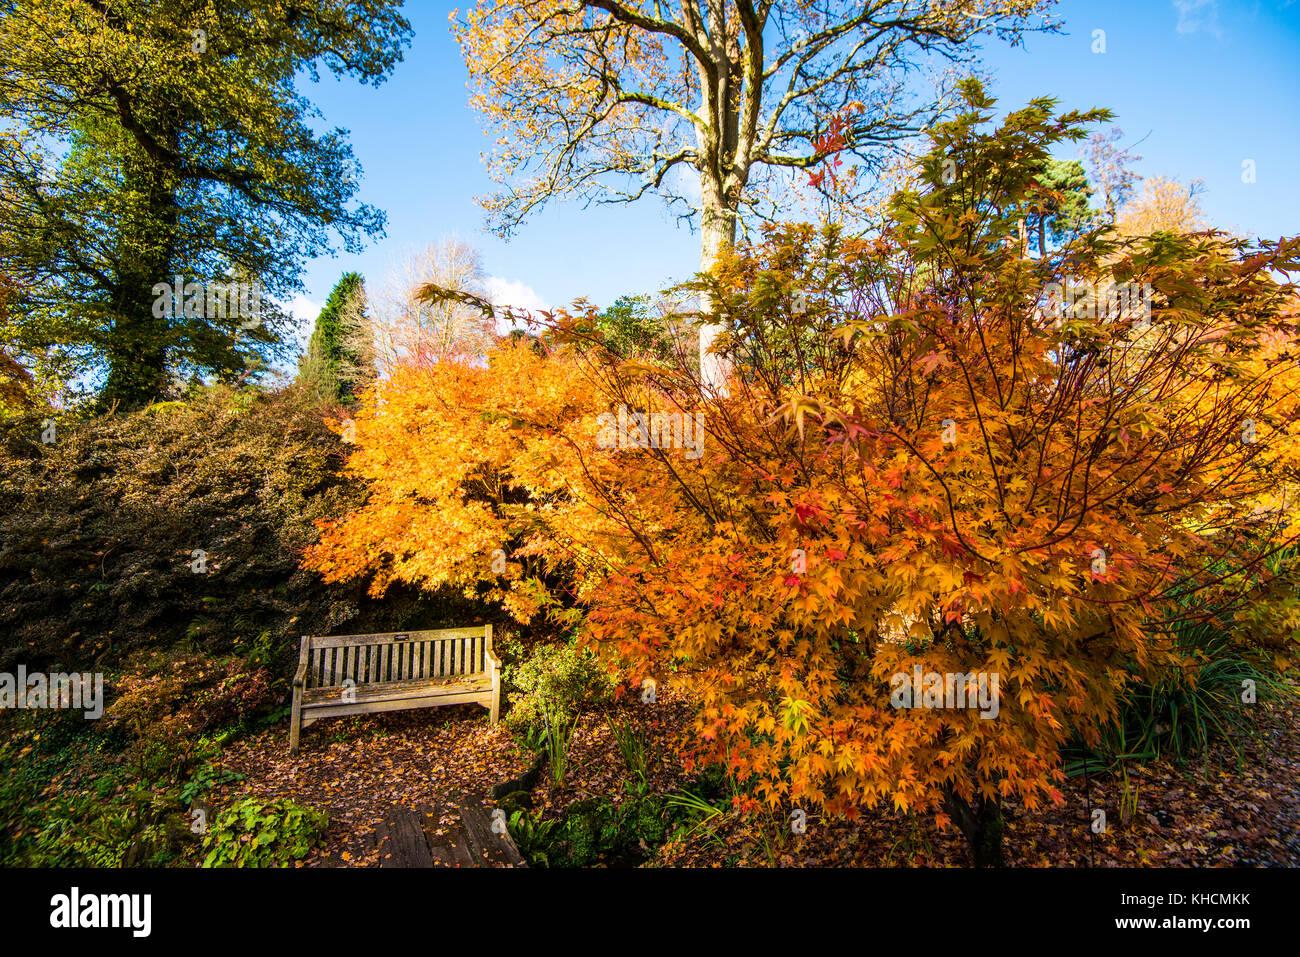 Grandi Alberi Da Giardini wakehurst place. maestosi giardini con oro di autunno e